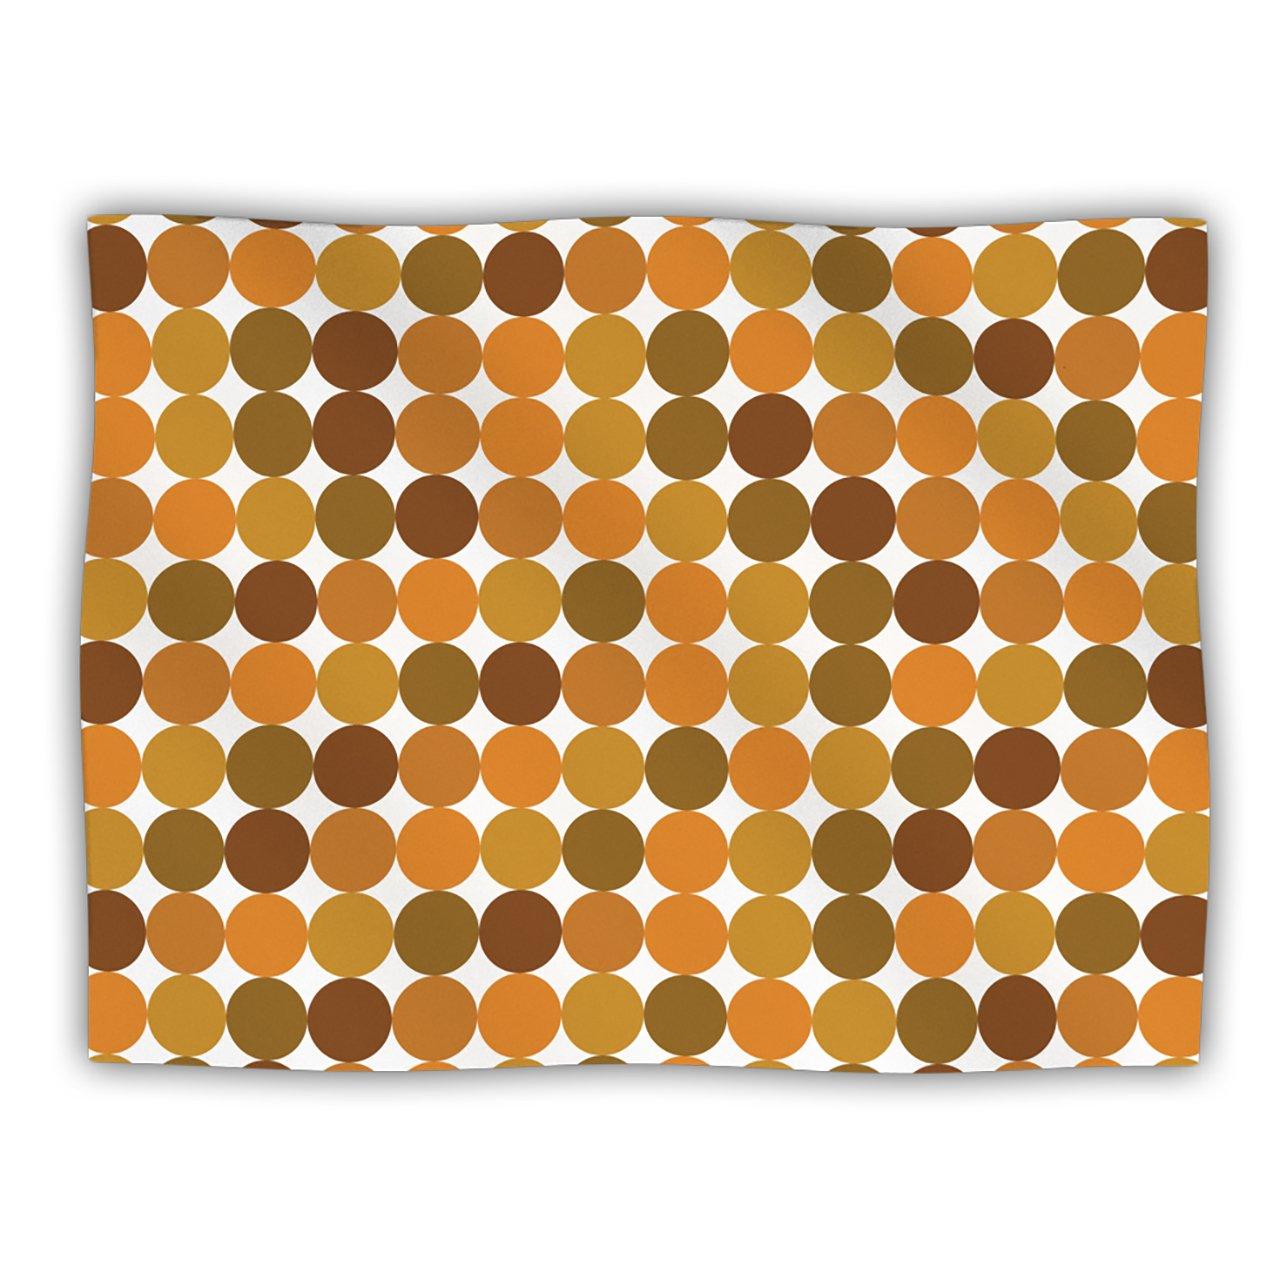 Kess InHouse Kess Original Noblefur orange Harvest  Pet Dog Blanket, 60 by 50-Inch